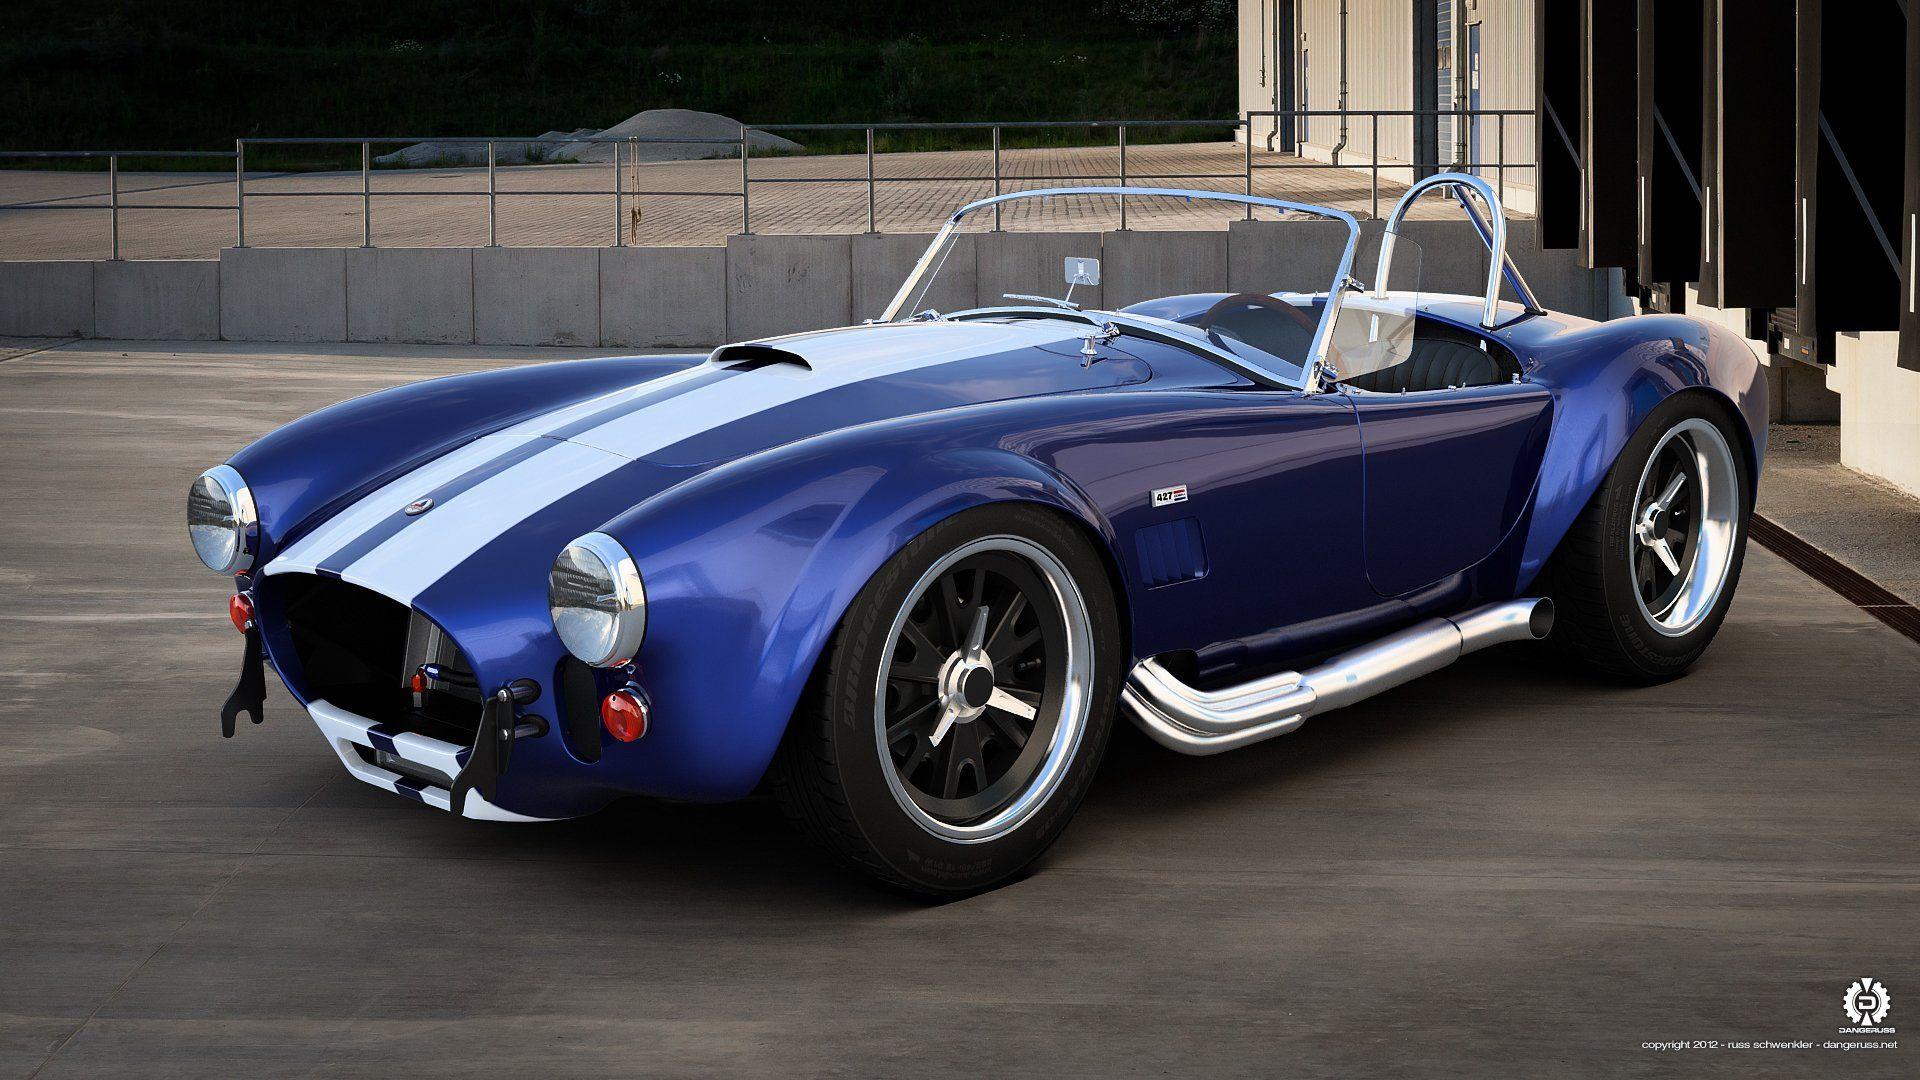 Shelby Cobra 427 Wallpaper And Tranding Https Www Mobmasker Com Shelby Cobra 427 Wallpaper And Tranding Shelby Cobra Vintage Muscle Cars Cobra Shelby